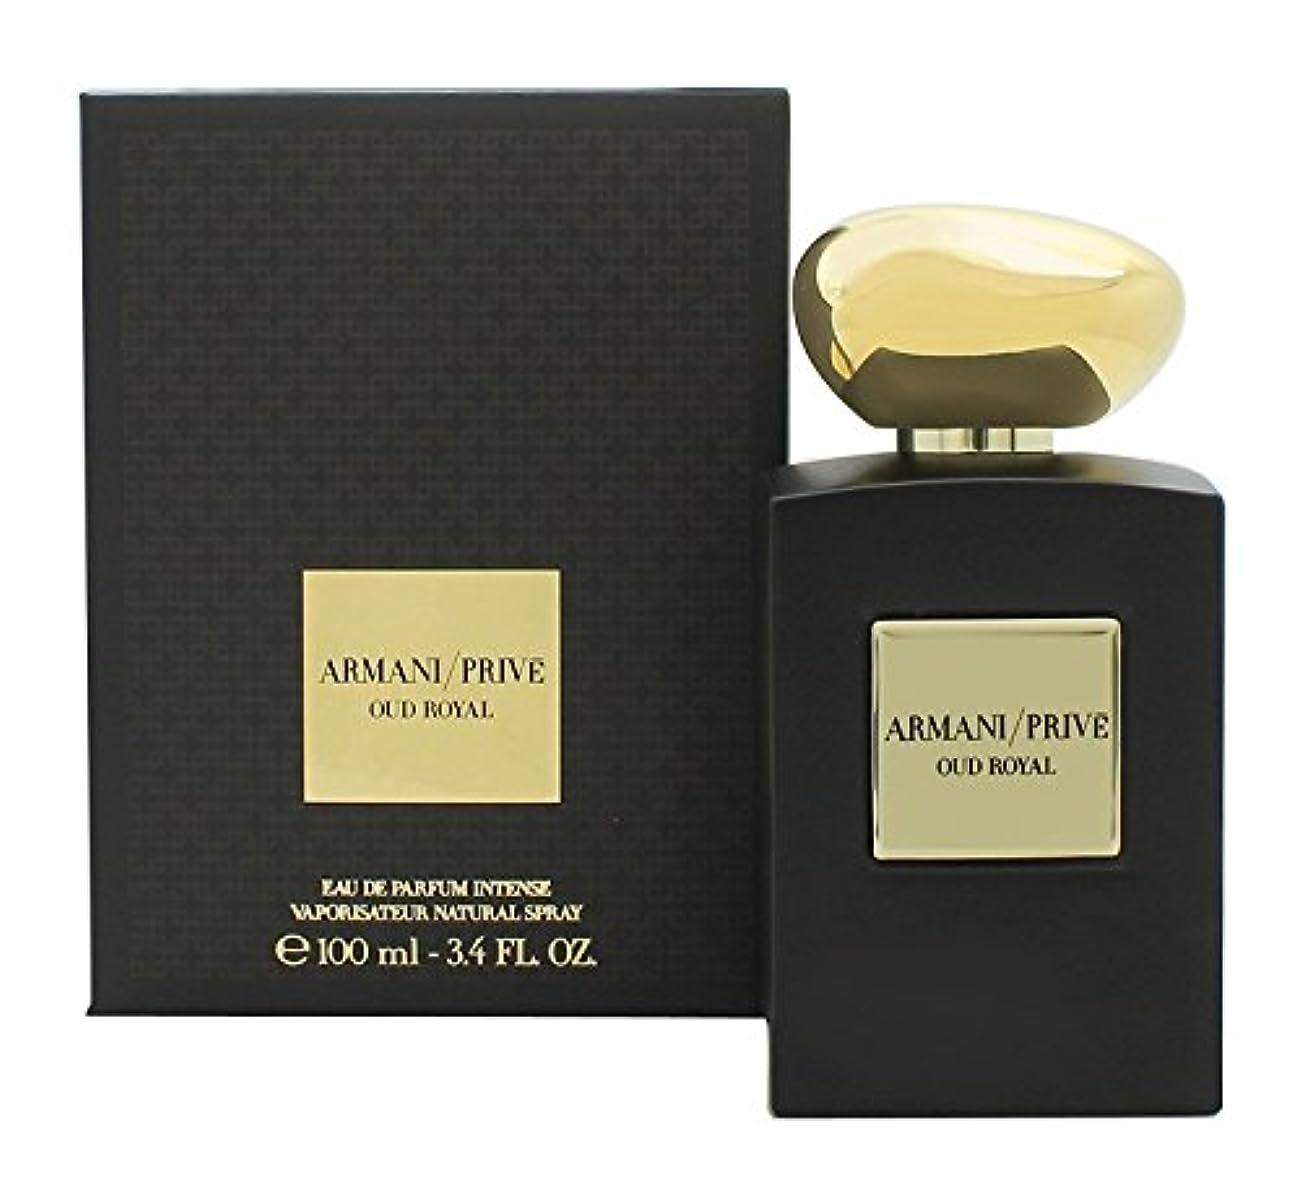 ジョルジオアルマーニ Prive Oud Royal Eau De Parfum Intense Spray 100ml/3.4oz並行輸入品